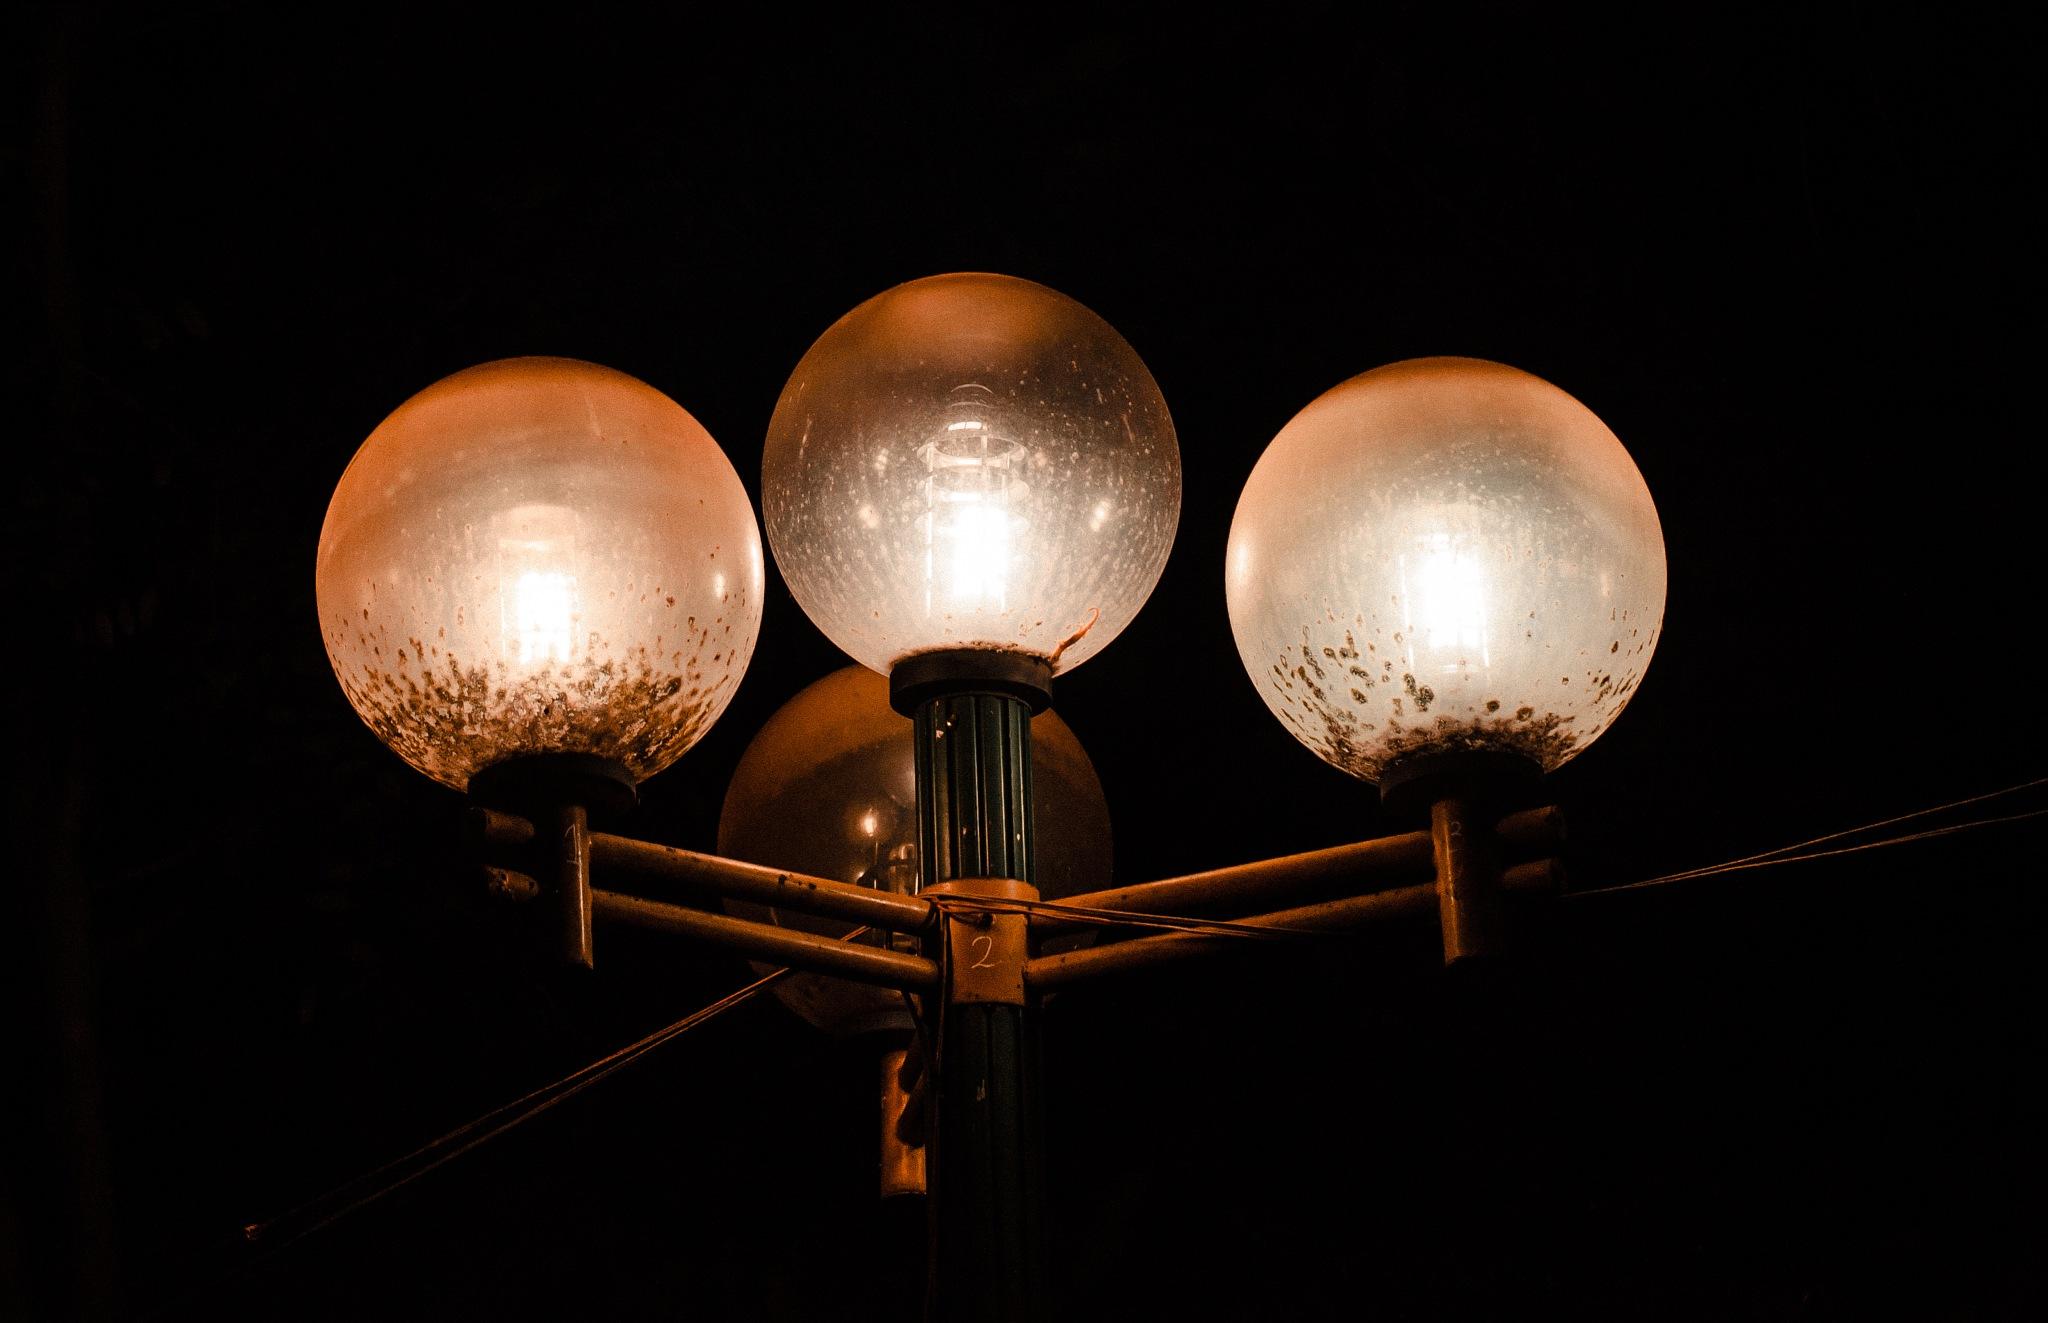 Light by phamducphuongnam